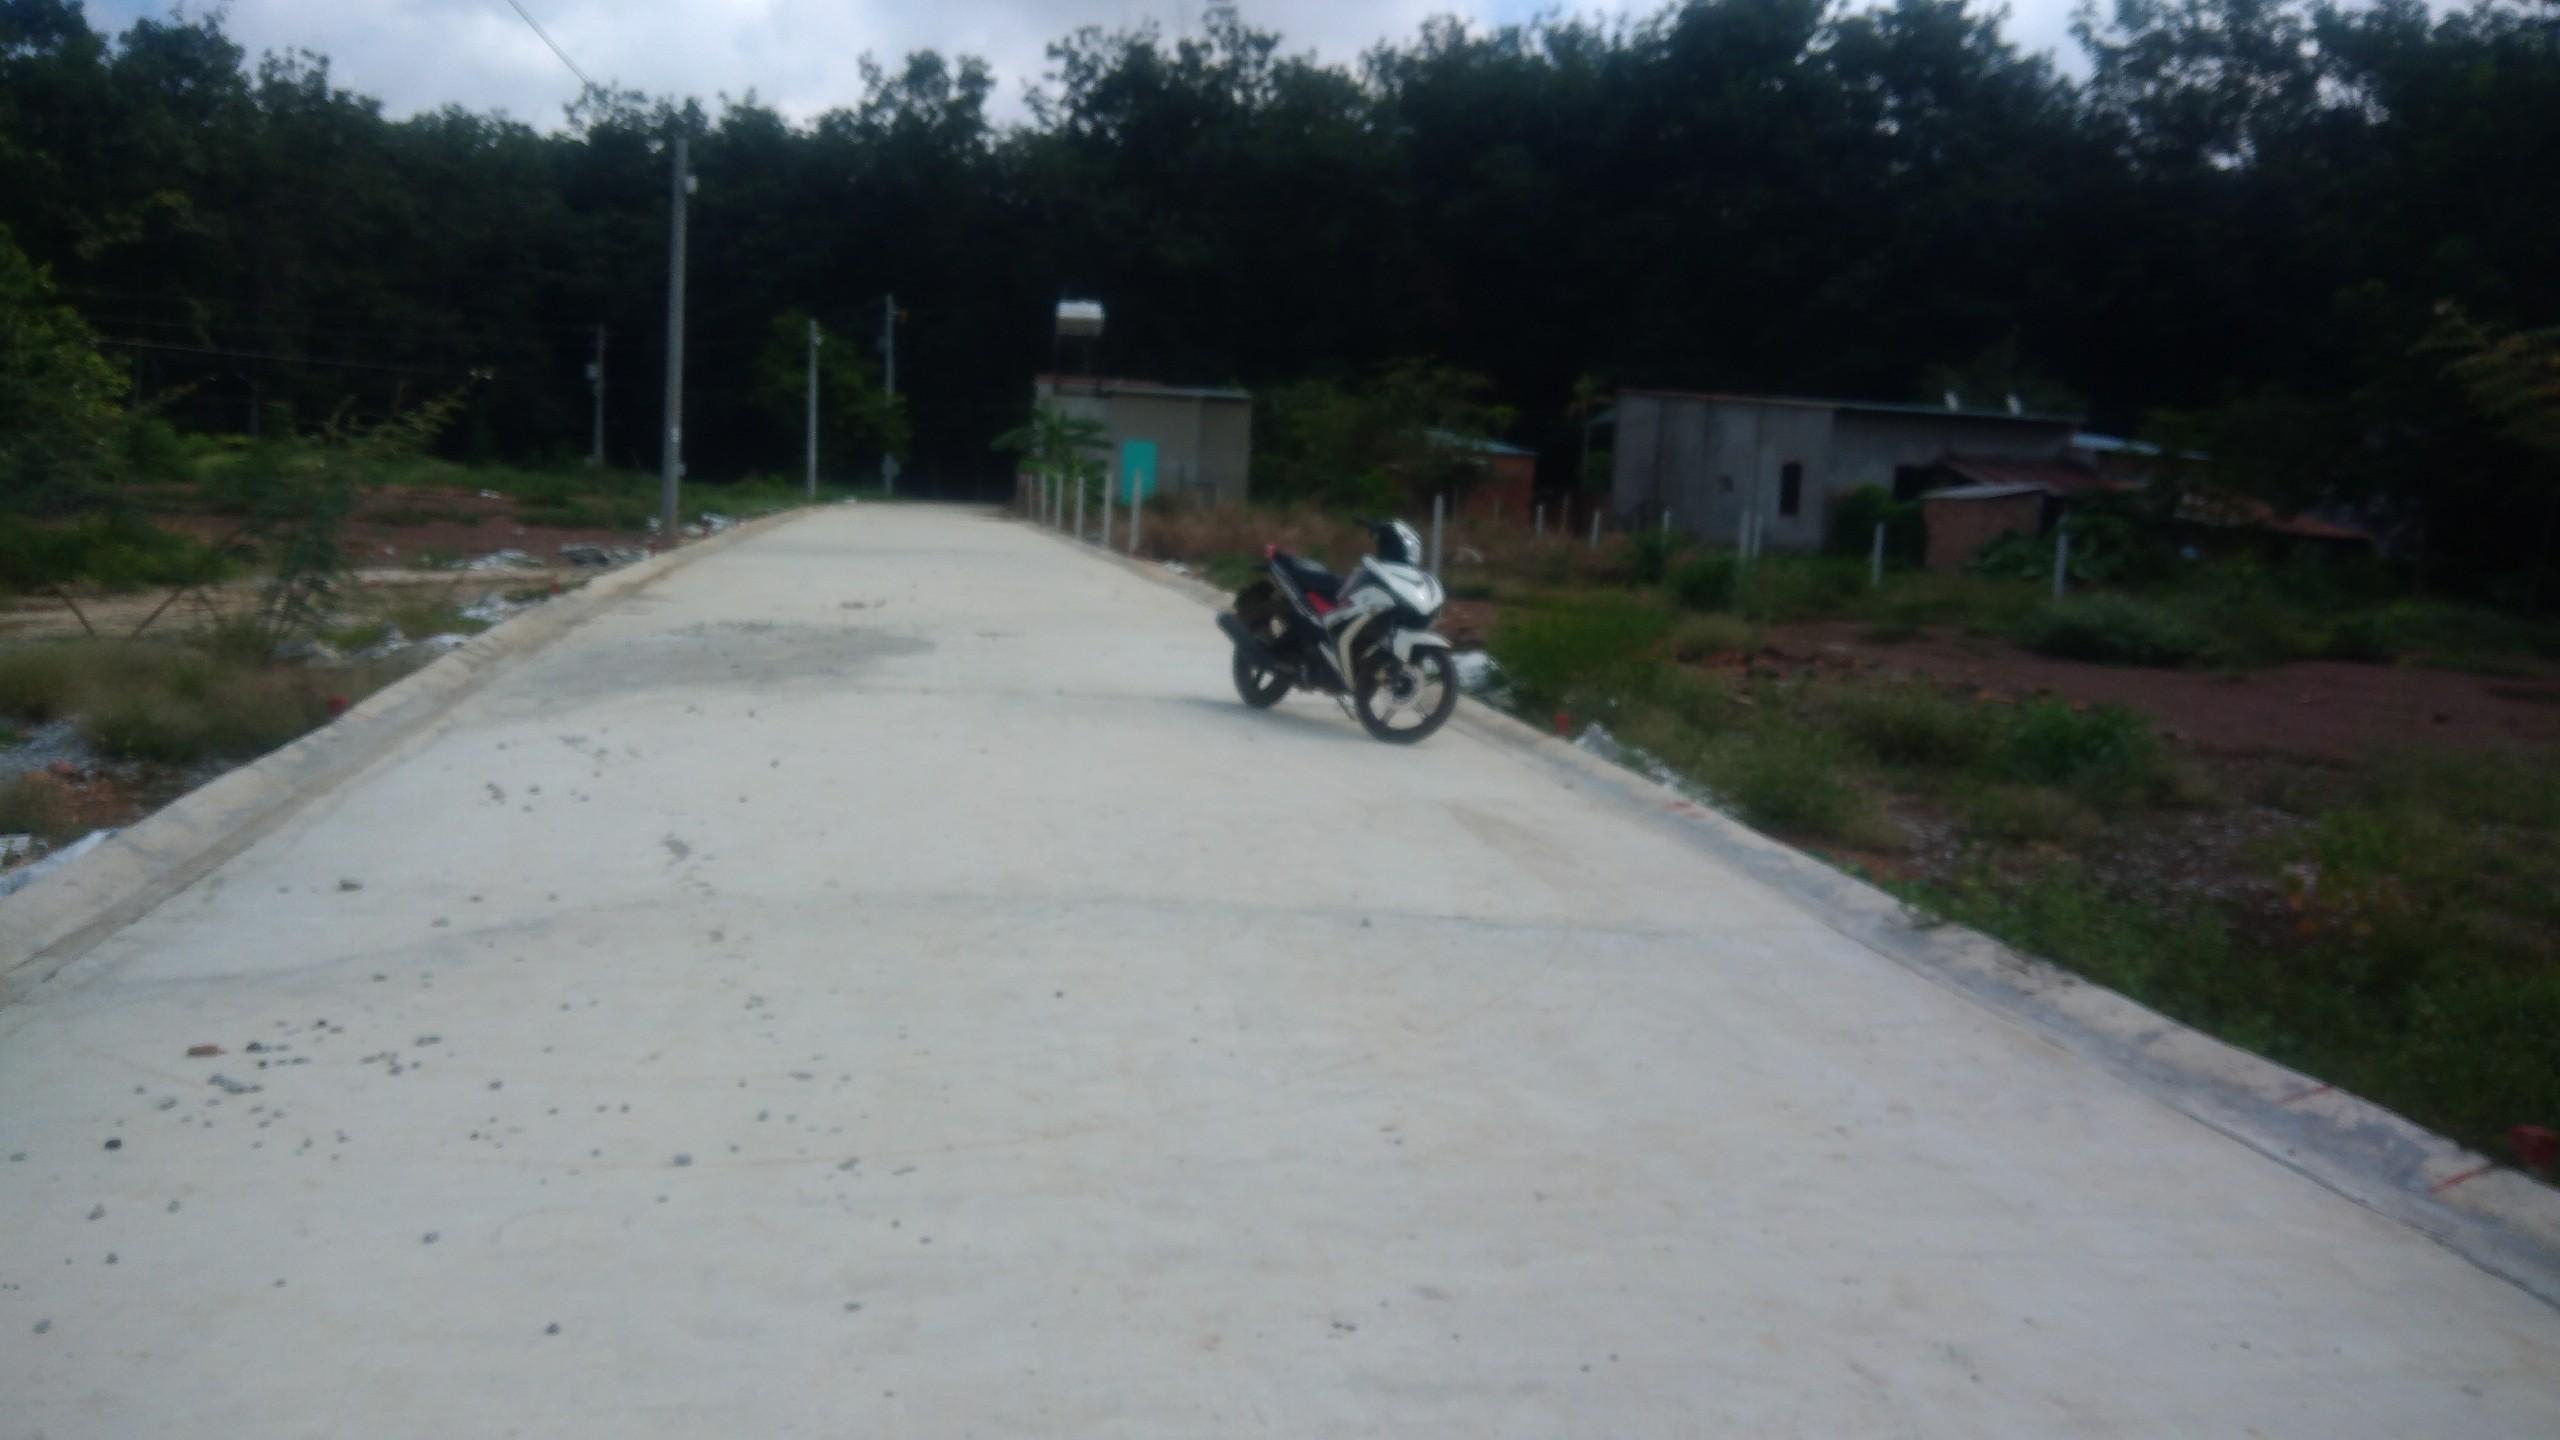 Bán đất phân lô Tiến Hưng, Thị xã Đồng Xoài, Tỉnh Bình Phước